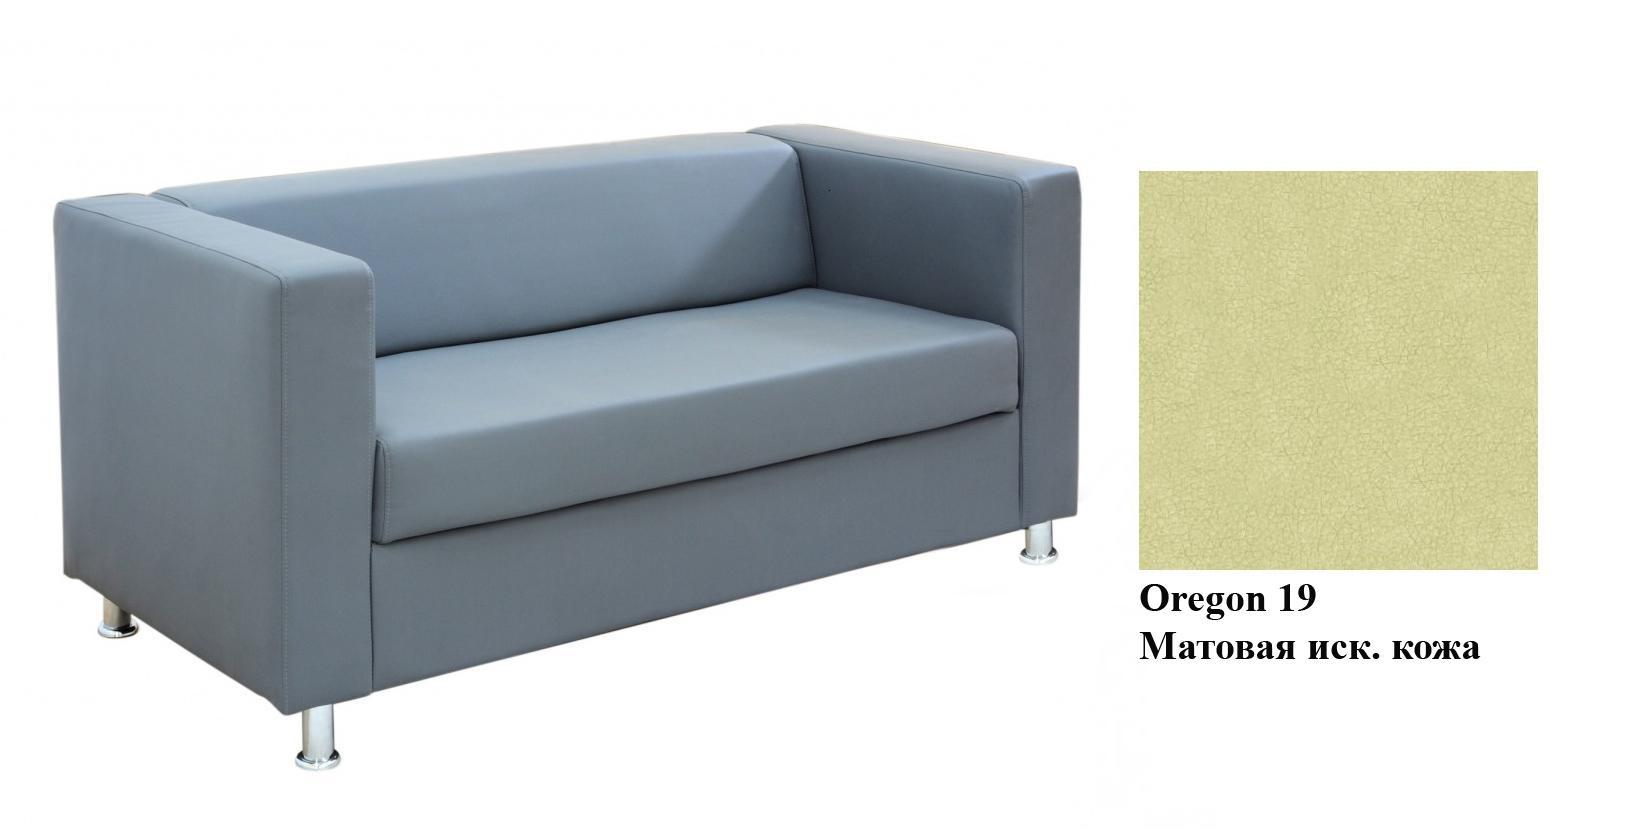 Офисный диван Блюз 10.04-Oregon 19